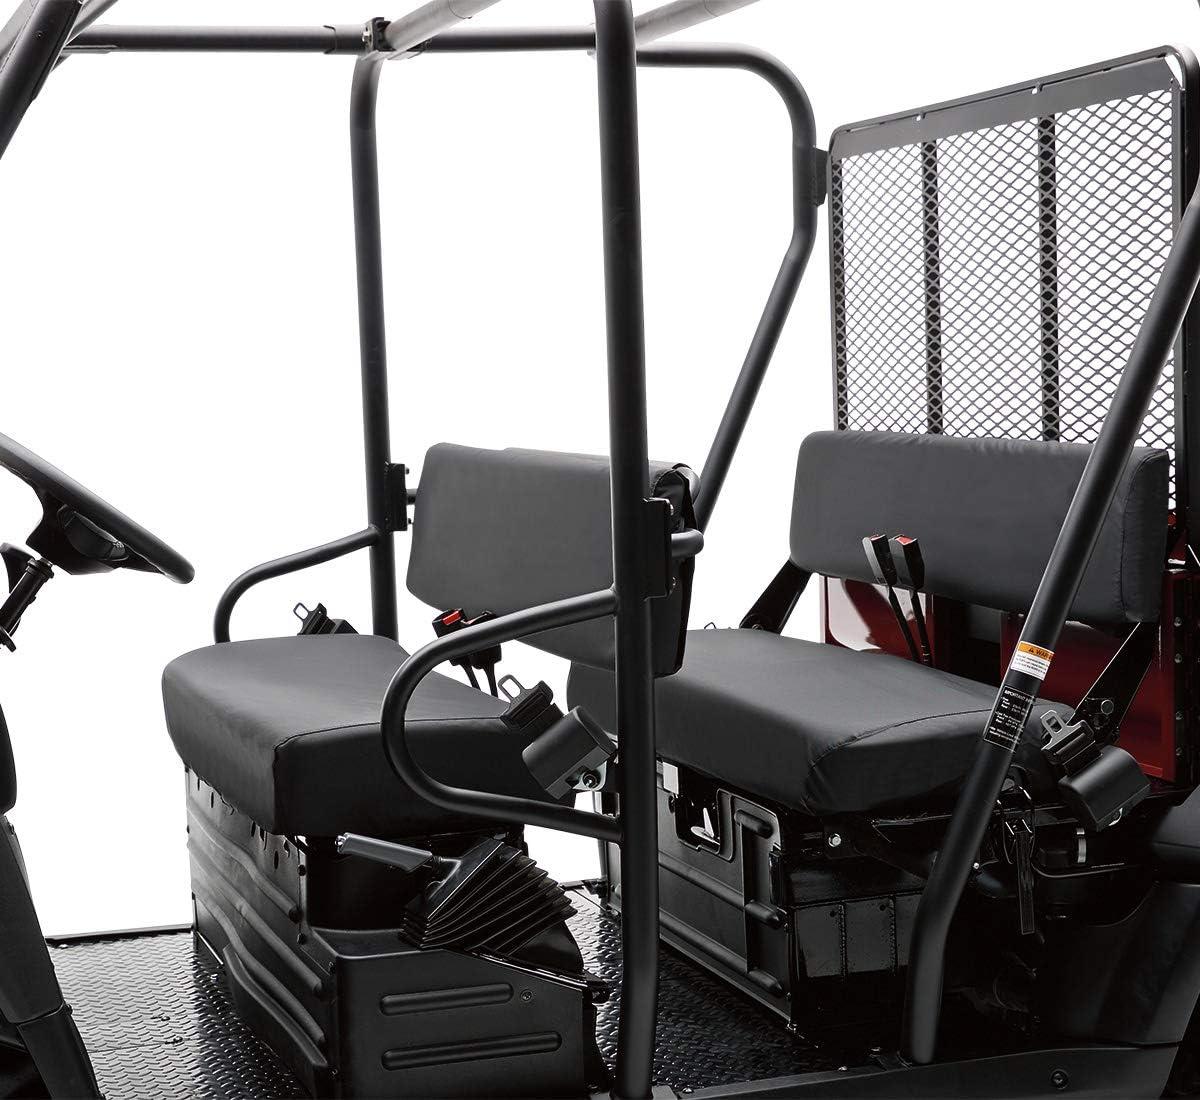 Kawasaki 2015-2019 Mule 4010 Seat Cover 99994-1148 New Oem